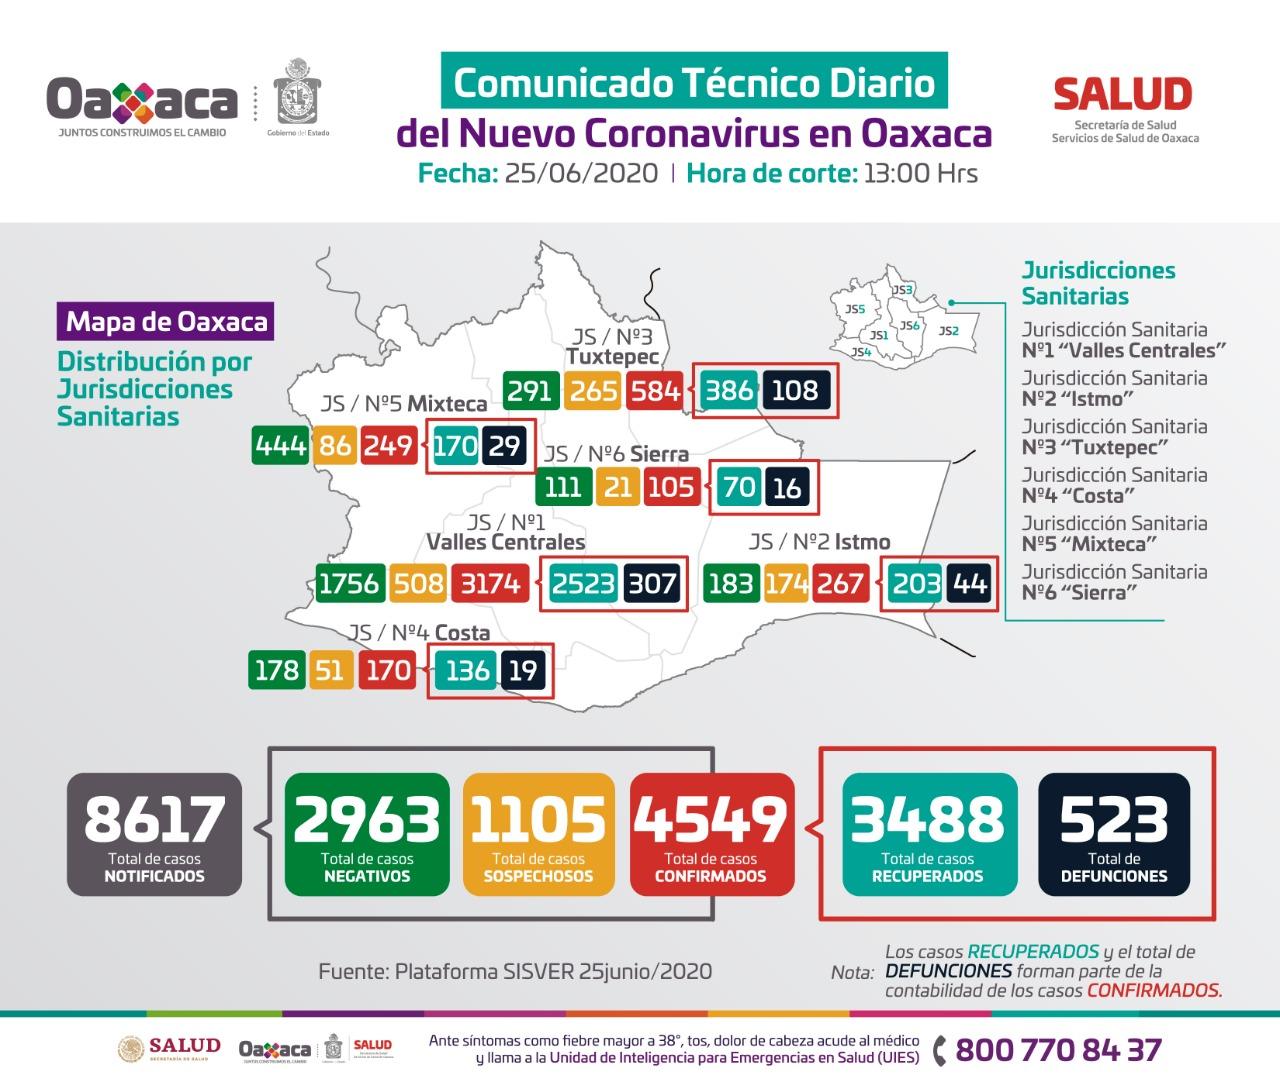 Acumula Oaxaca cuatro mil 549 casos de Covid-19, se agregan 123 casos nuevos y 13 defunciones